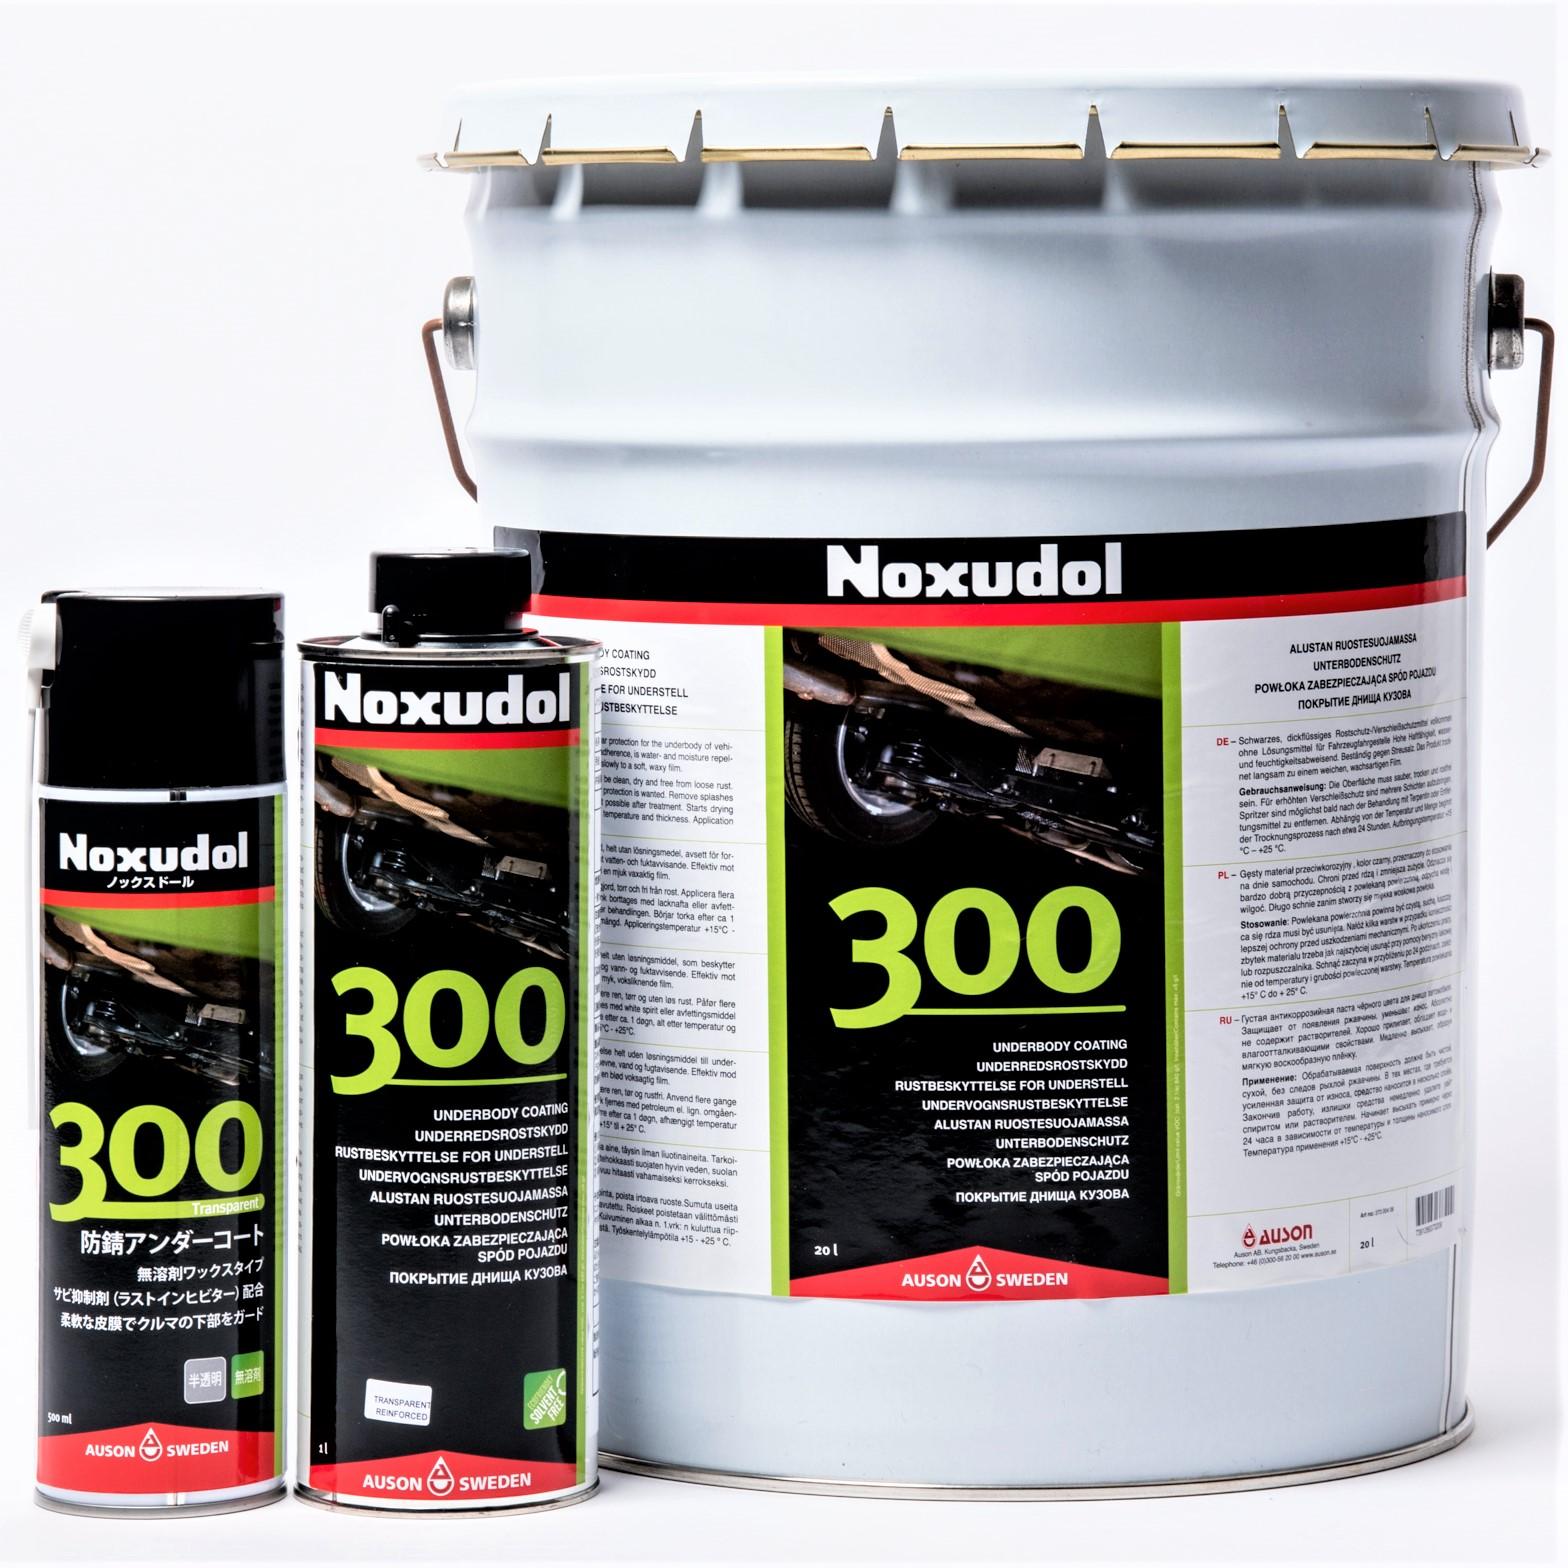 錆抑制効果の高い無溶剤300が使用されている